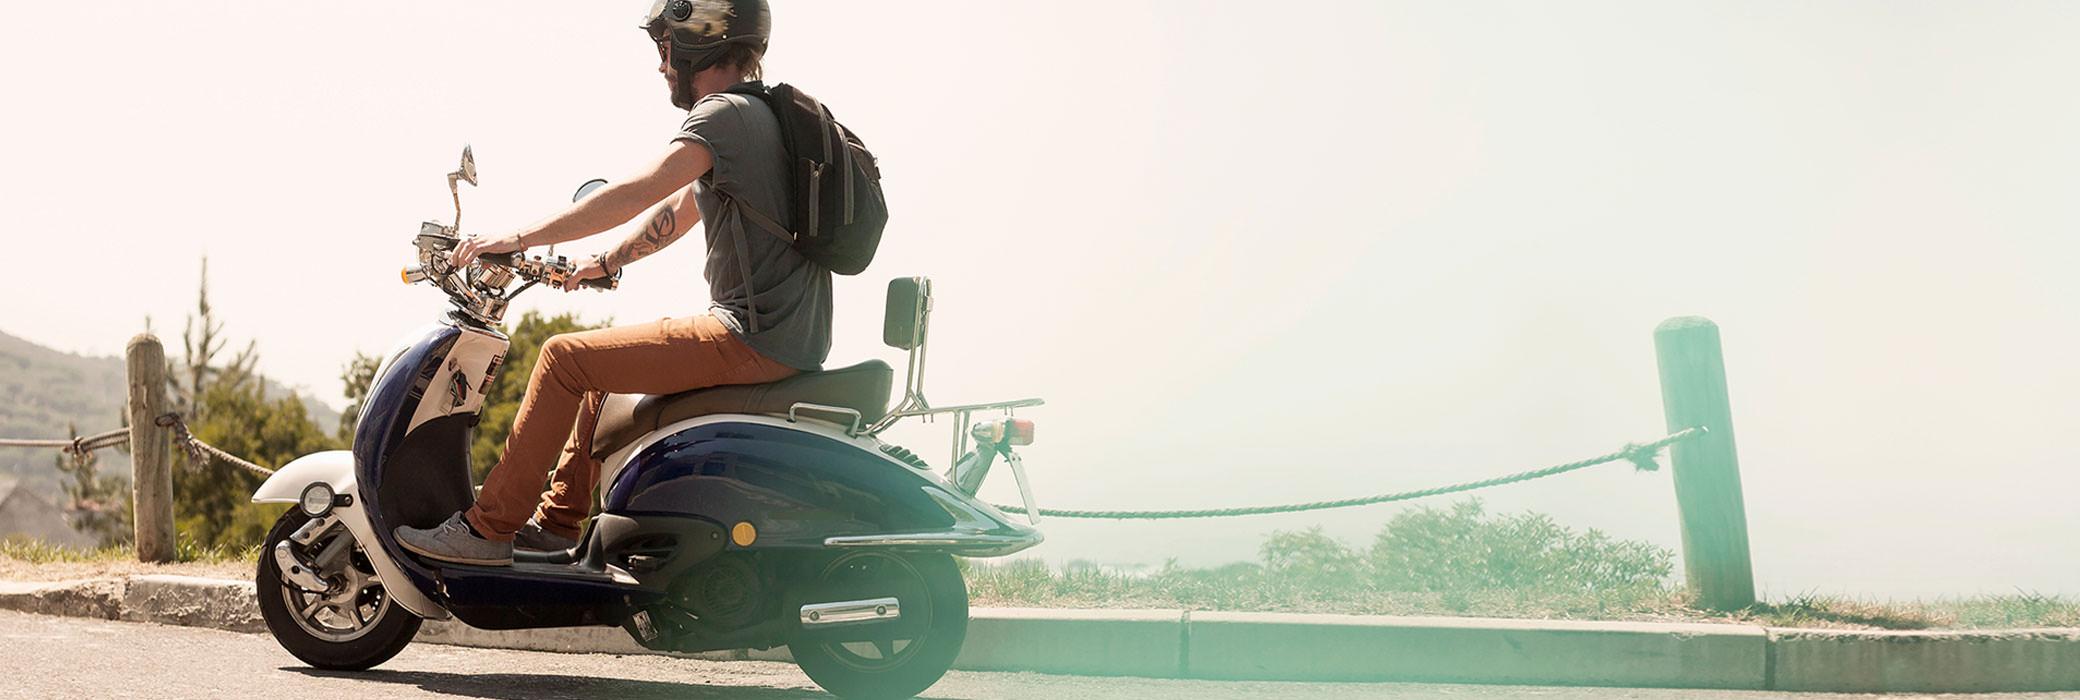 Ein Mann auf einem Roller fährt von der Kamera weg